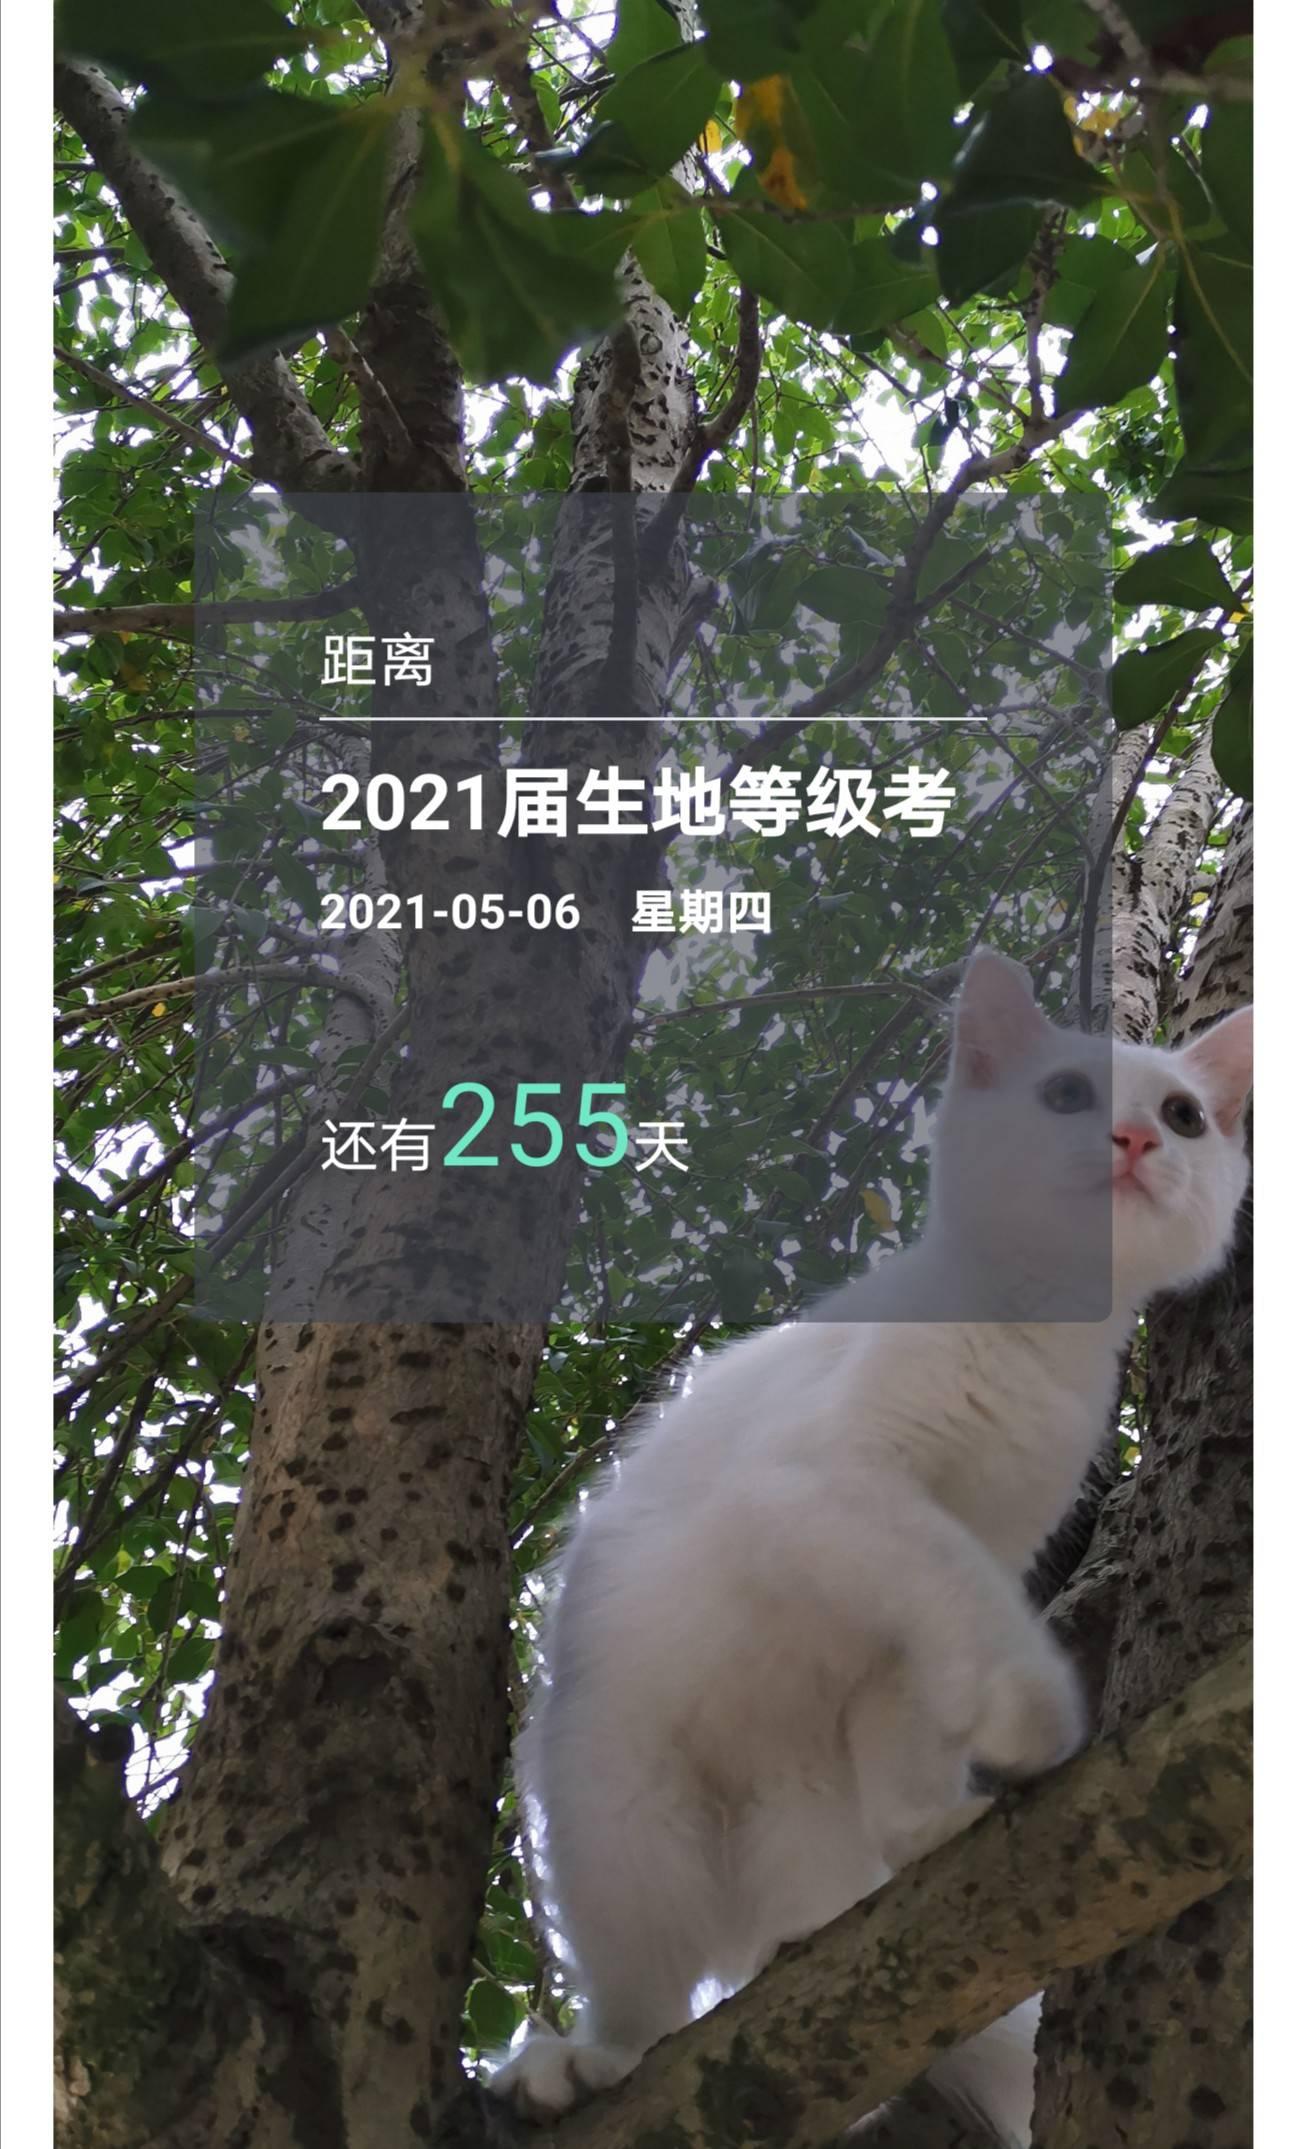 2020-08-24 07.59.53.jpg